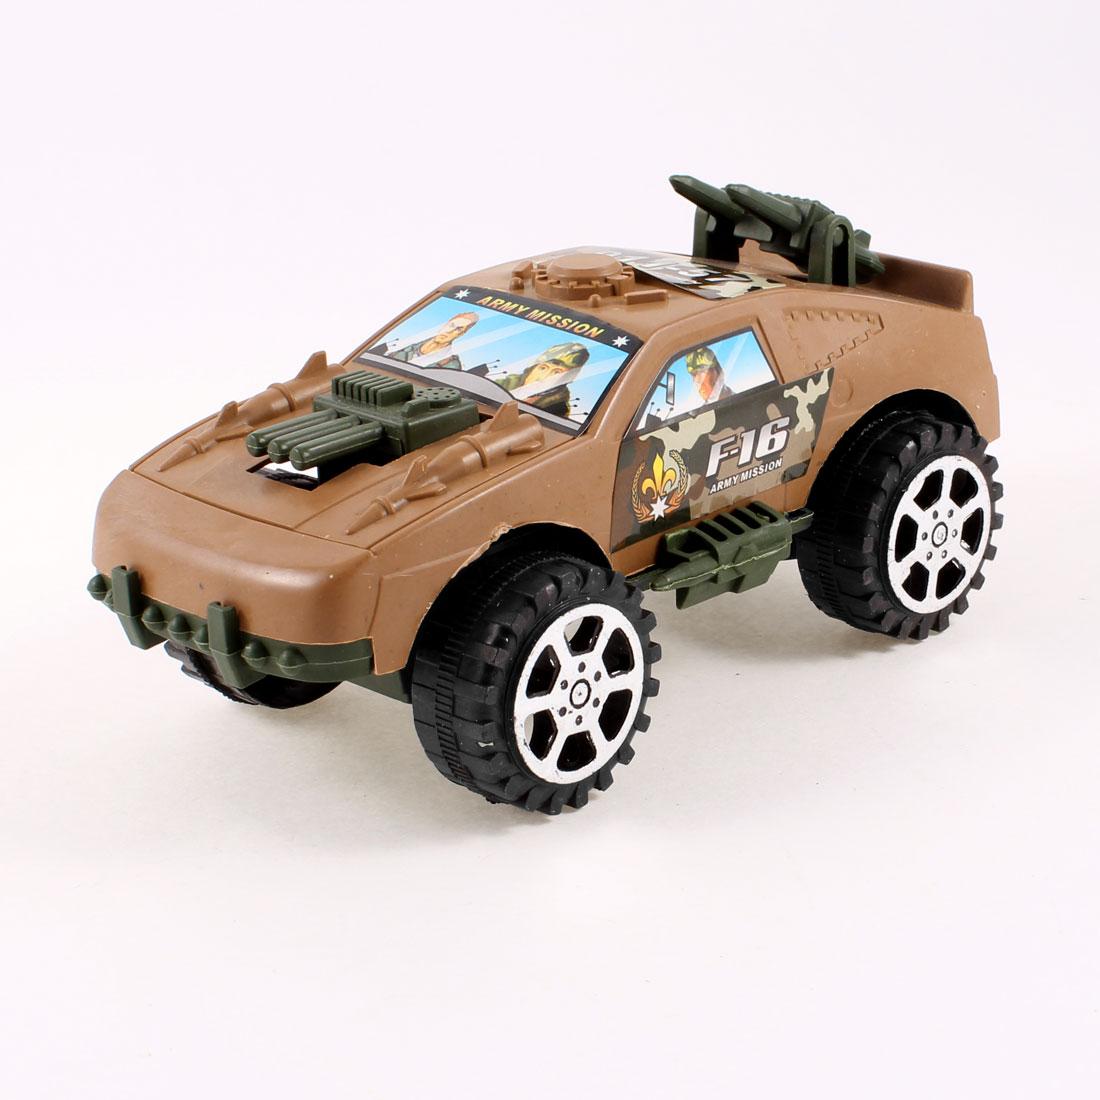 Khaki Black Plastic Emulational Battle Car Pull String Toy for Kids